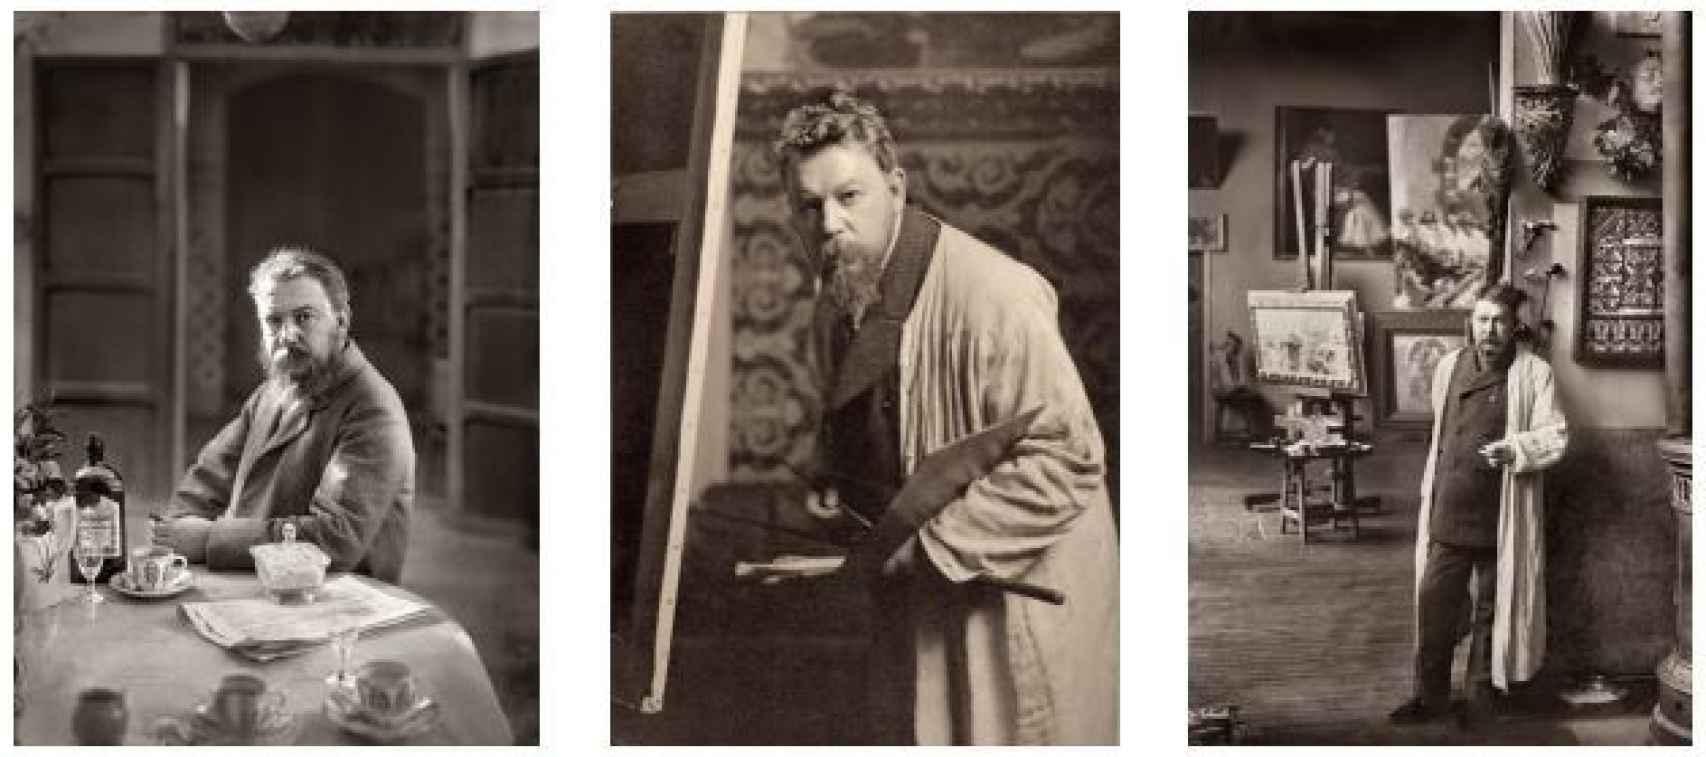 Sorolla retratado en 1904, 1905 y 1906.